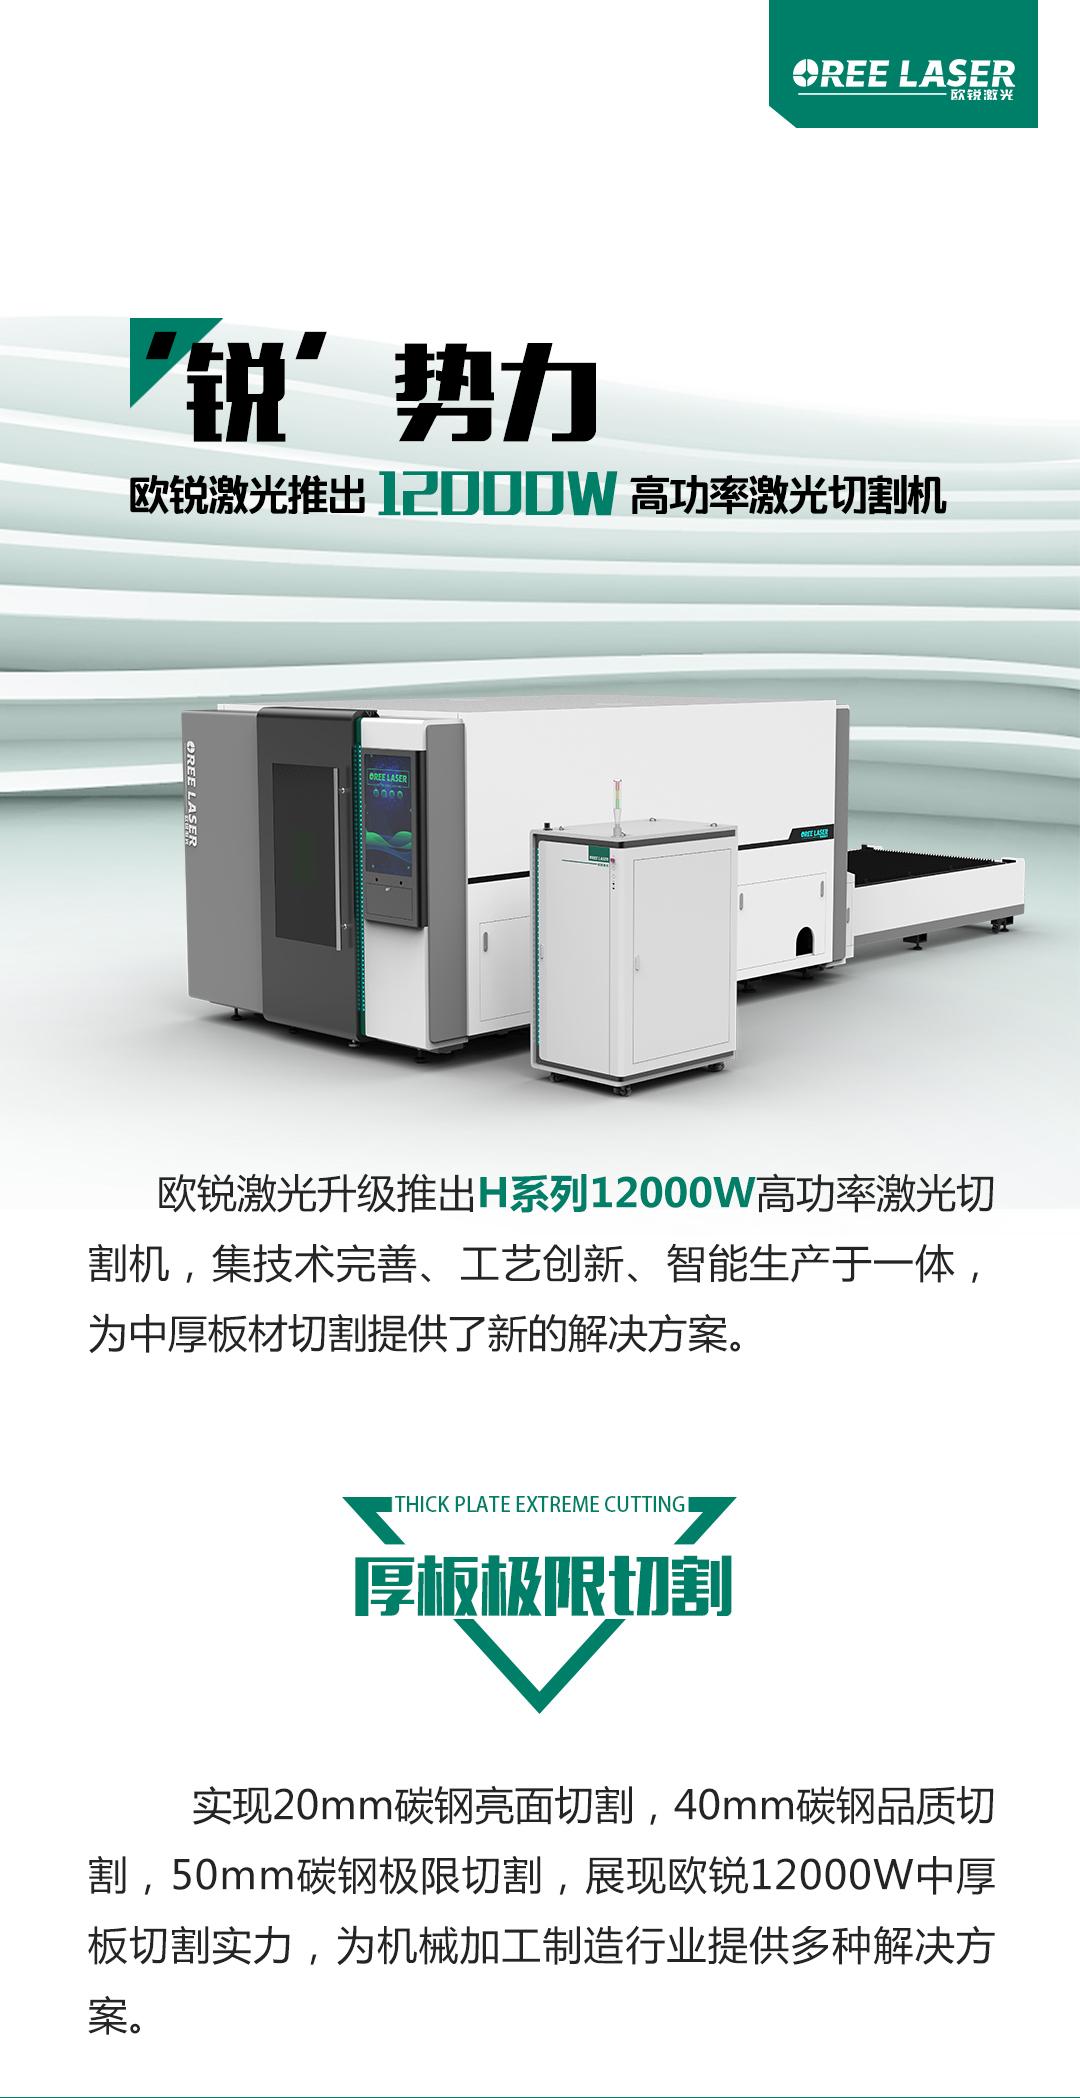 欧锐激光推出12000W高功率激光切割机-1.jpg